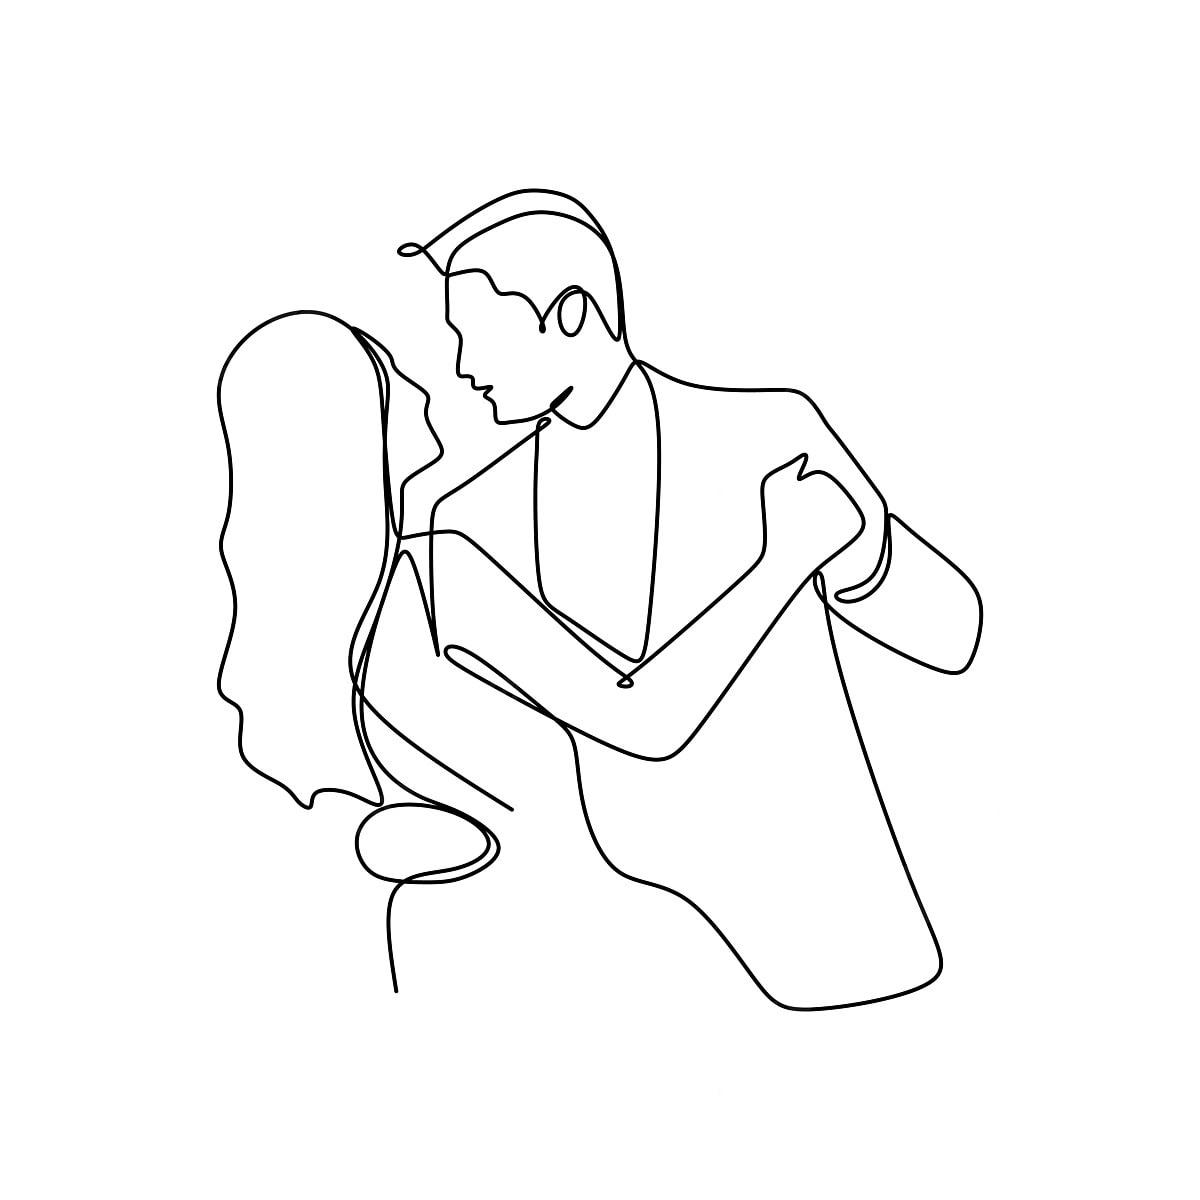 Elegante Romantico Casal Apaixonado Uma Linha Continua De Arte